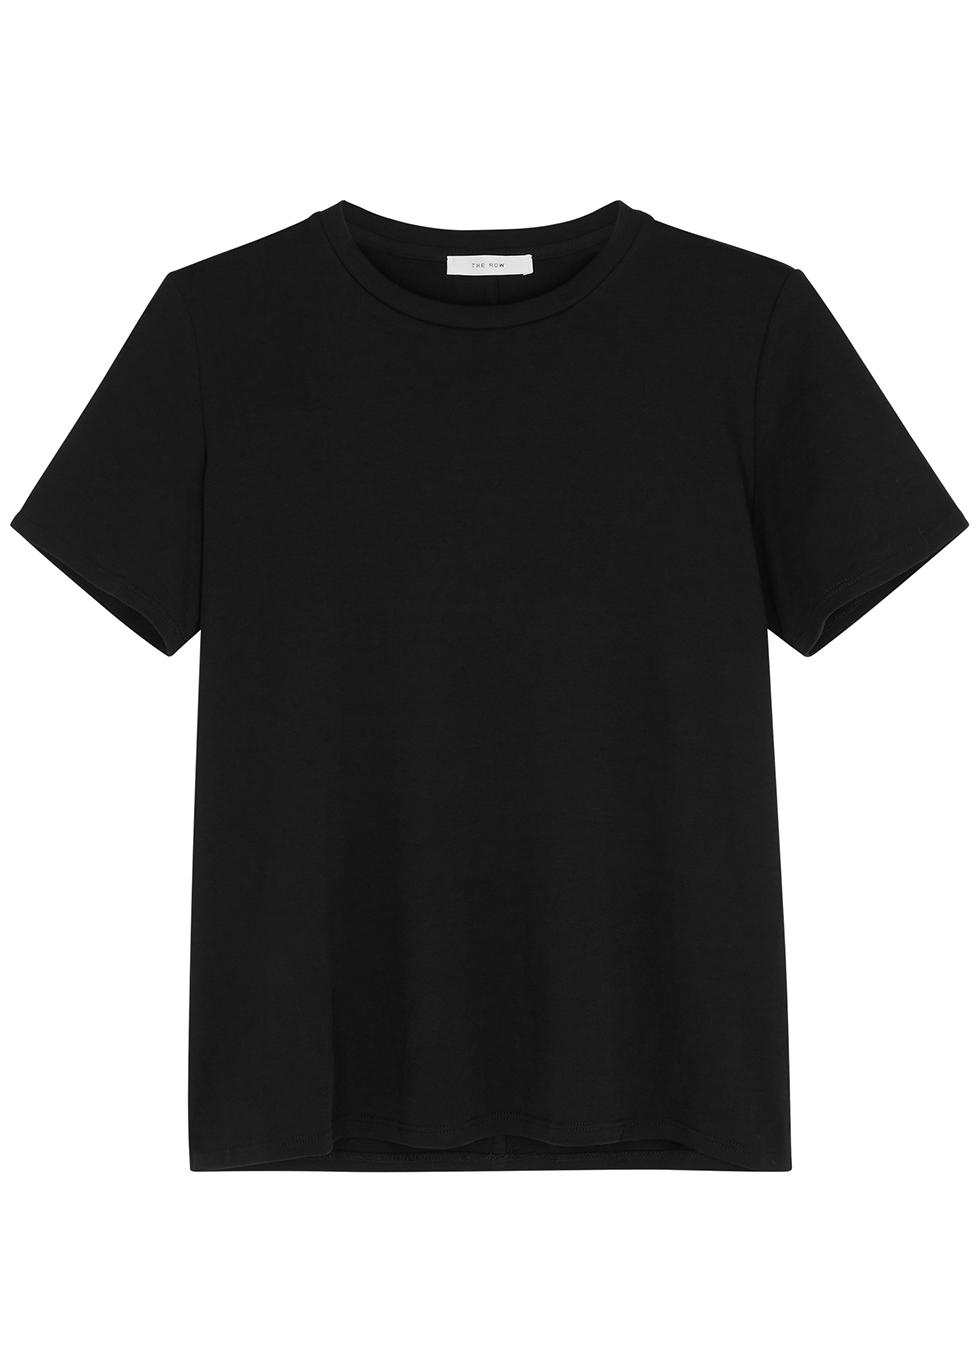 Wesler black cotton T-shirt